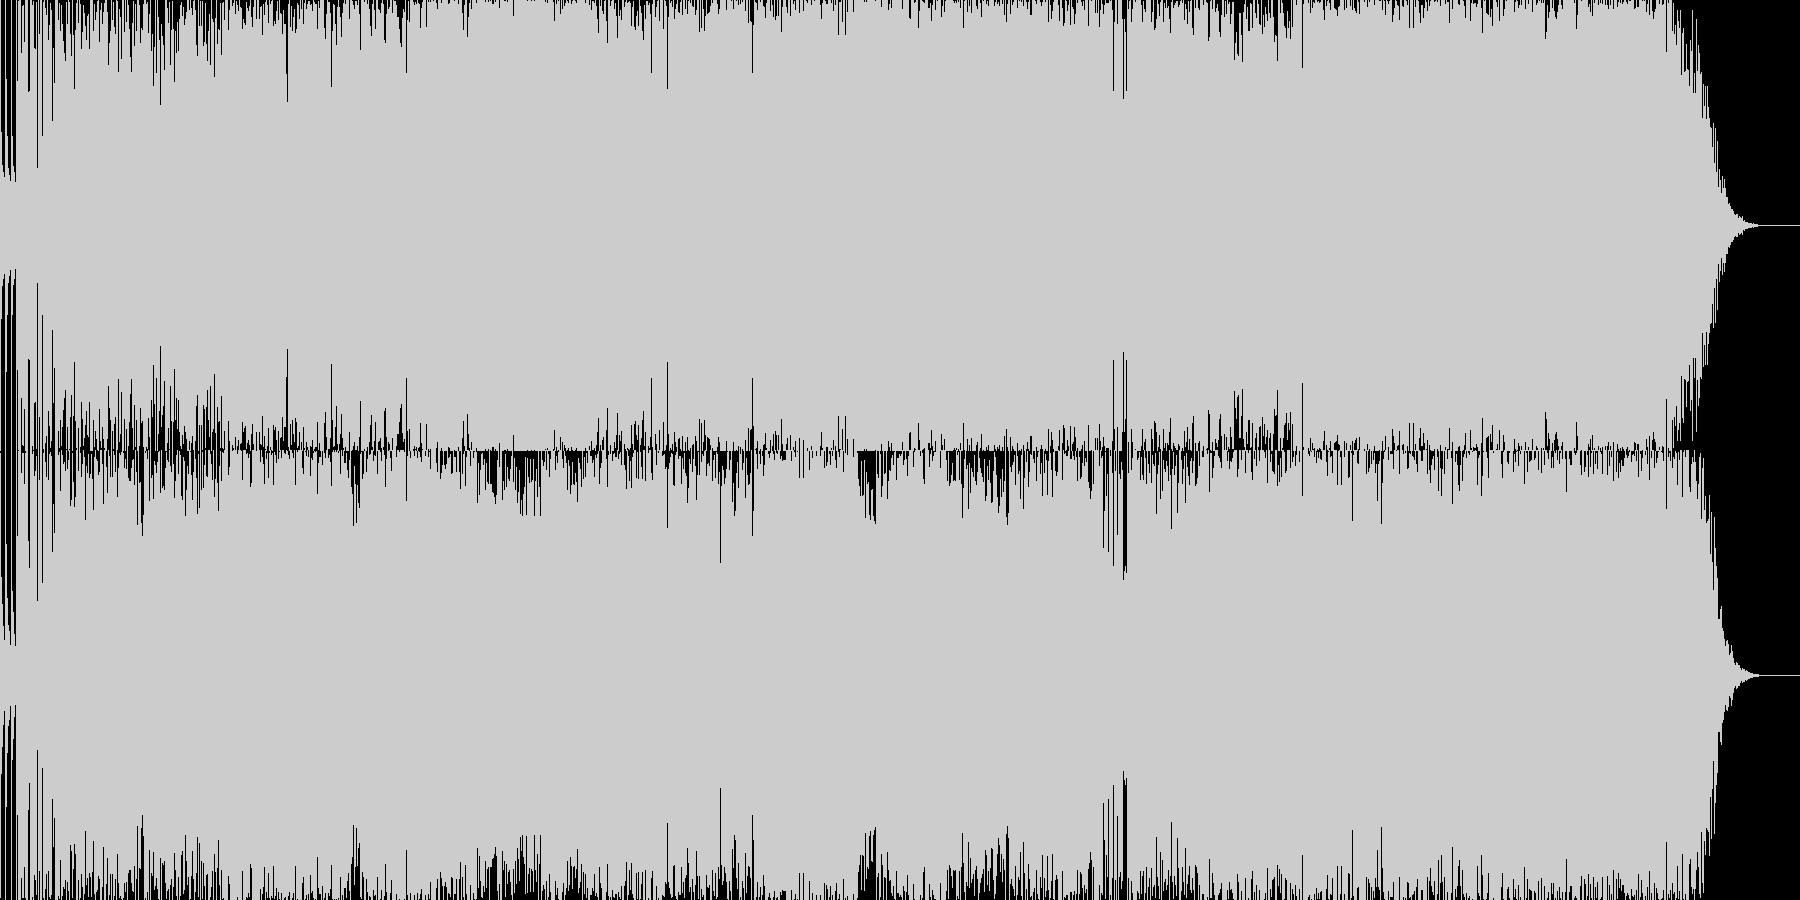 ロックエレクトロニック 技術的な ...の未再生の波形